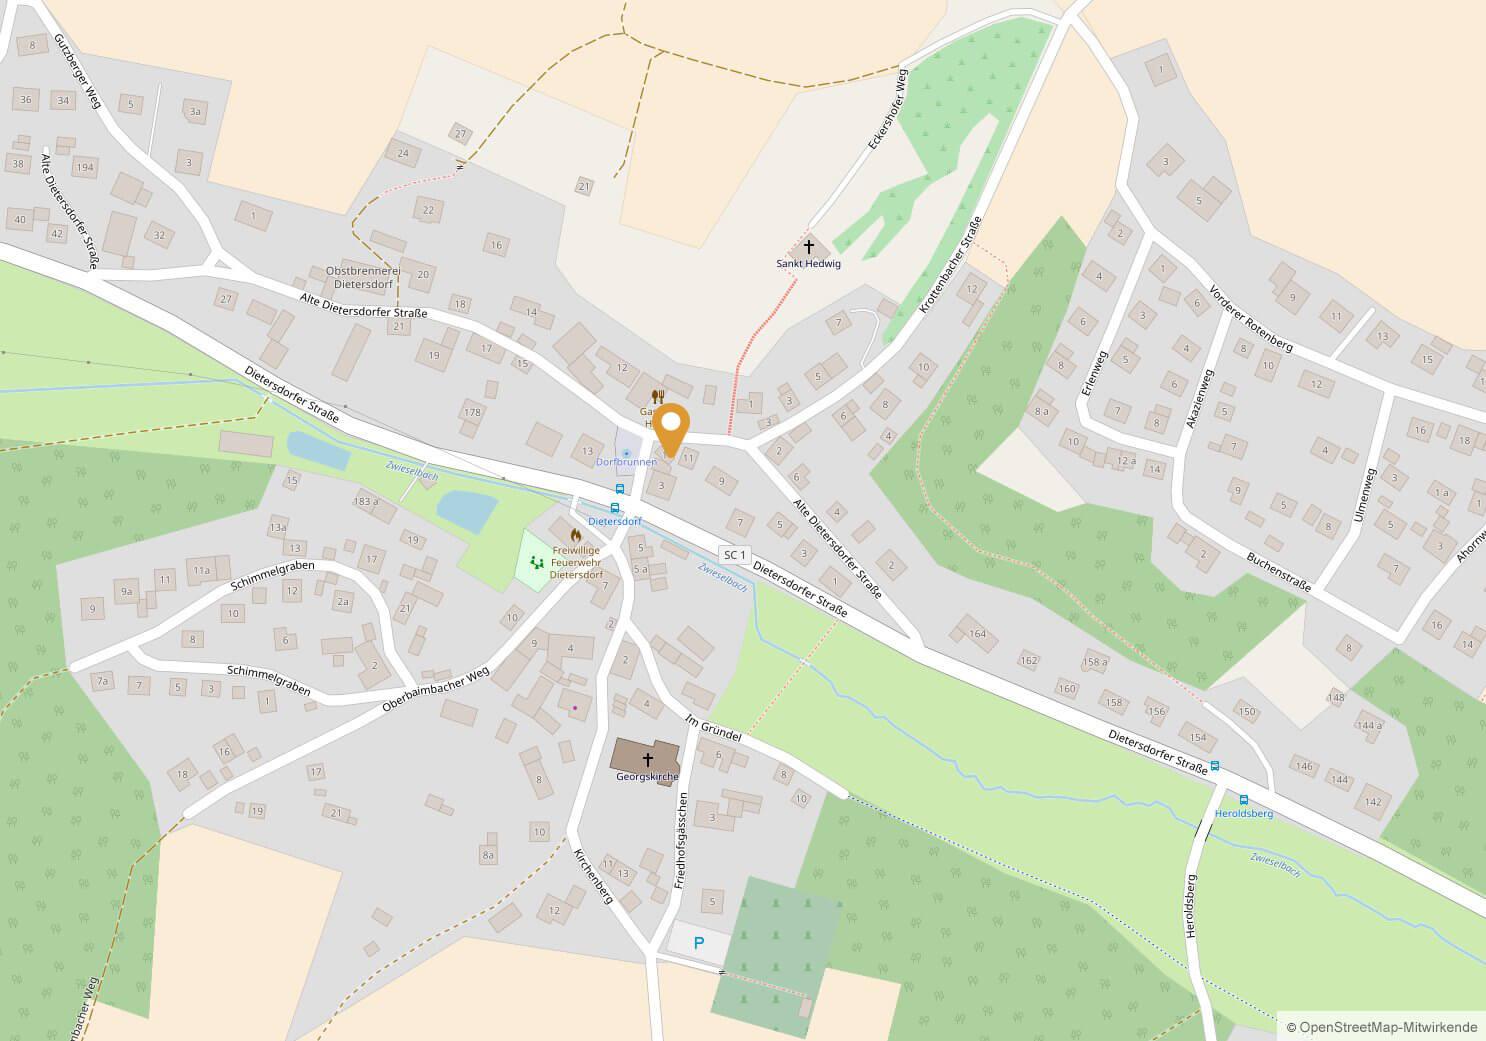 Mosthaus; Rosa-Mihalka-Platz, 91126 Schwabach-Dietersdorf